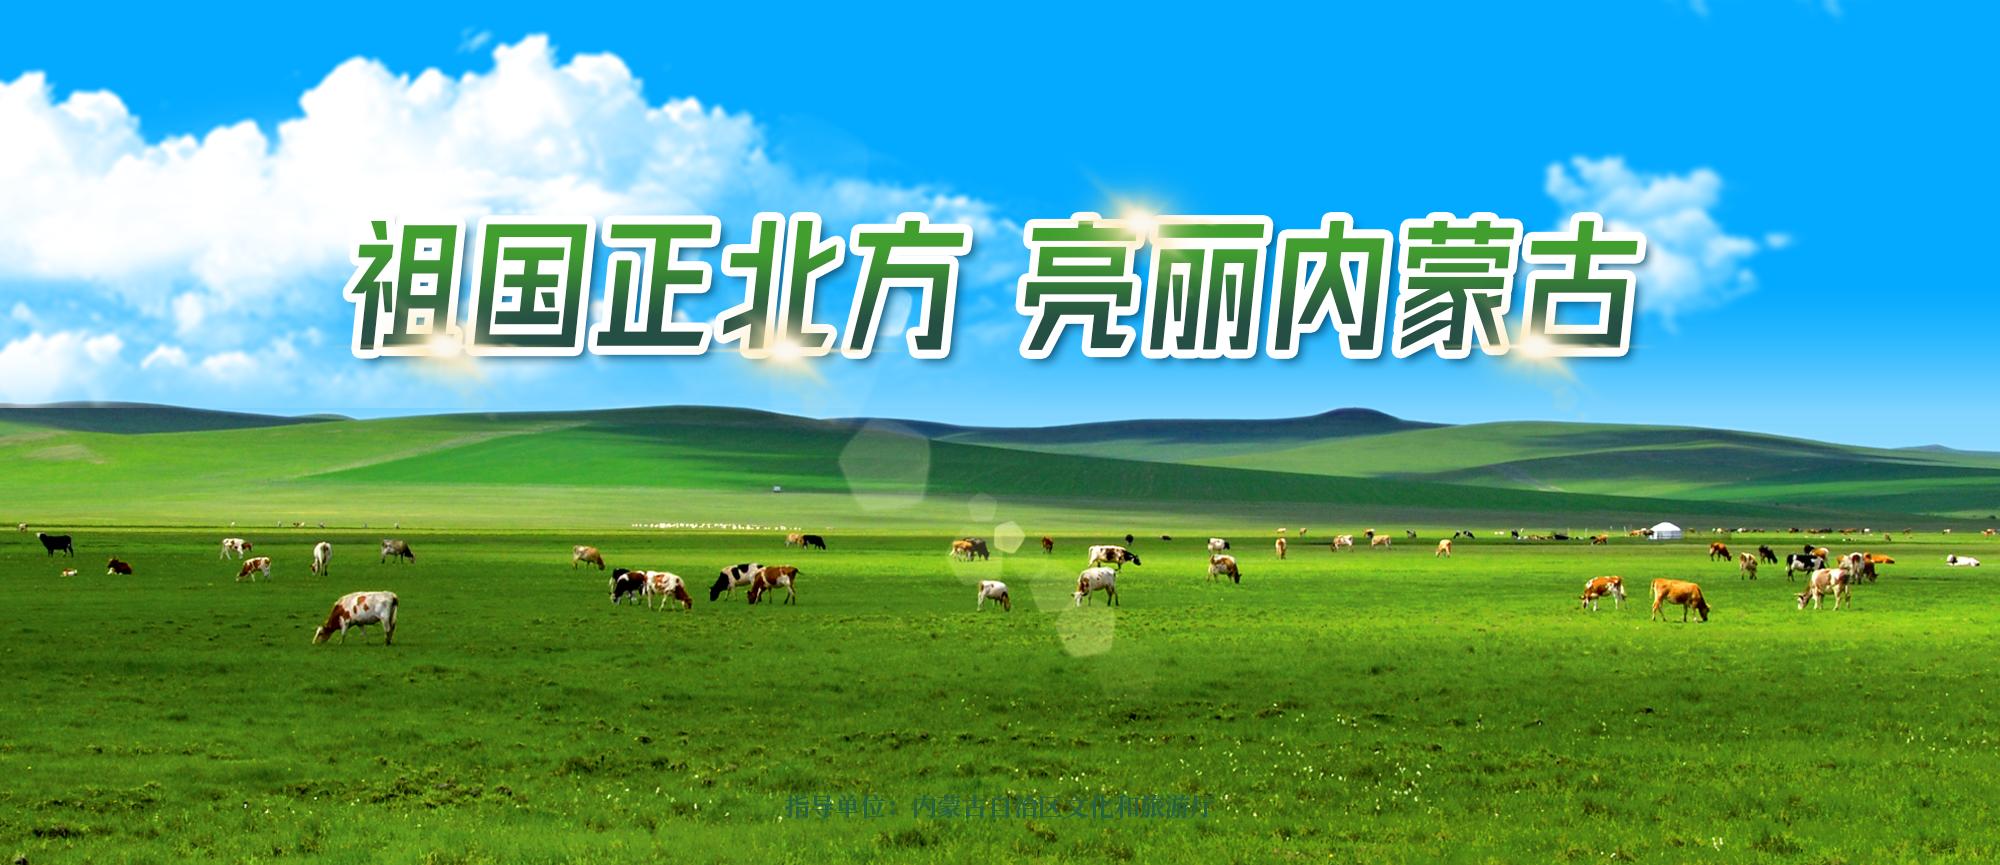 祖国正北方亮丽内蒙古